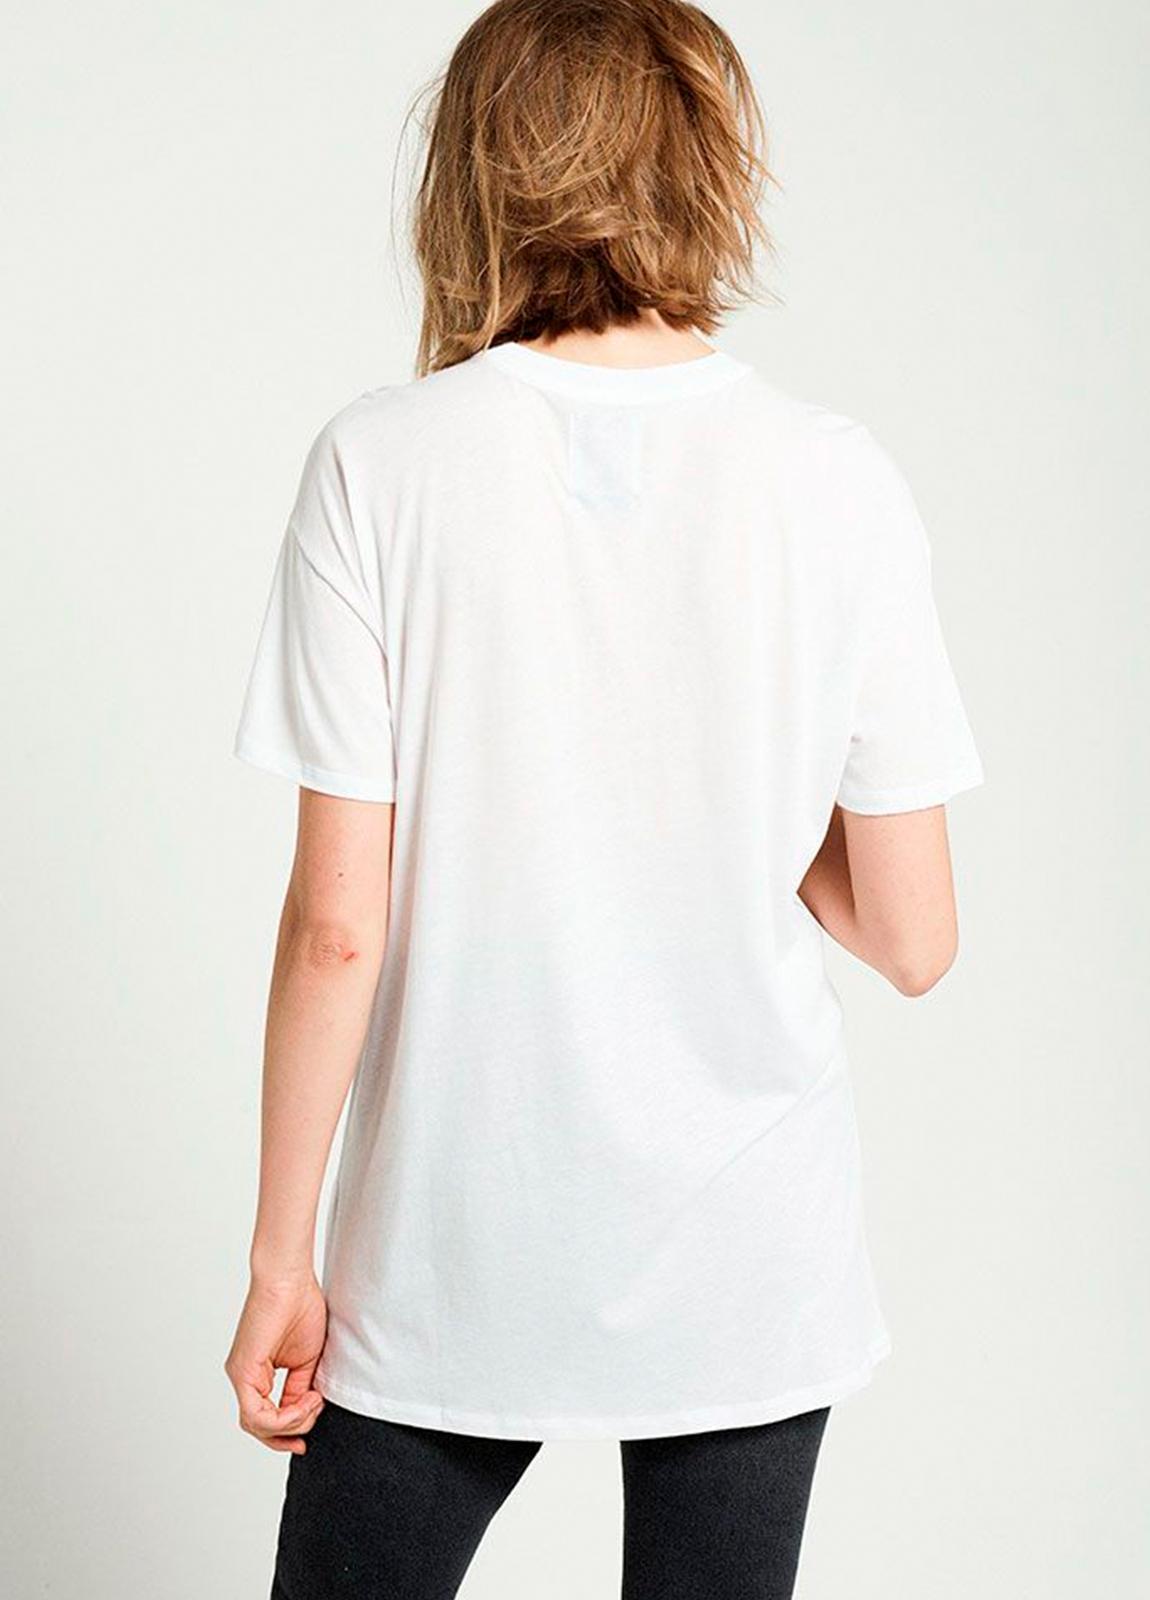 Camiseta manga corta color blanco con estampado gráfico. 100% Algodón. 50% Algodón 50% Modal. - Ítem1